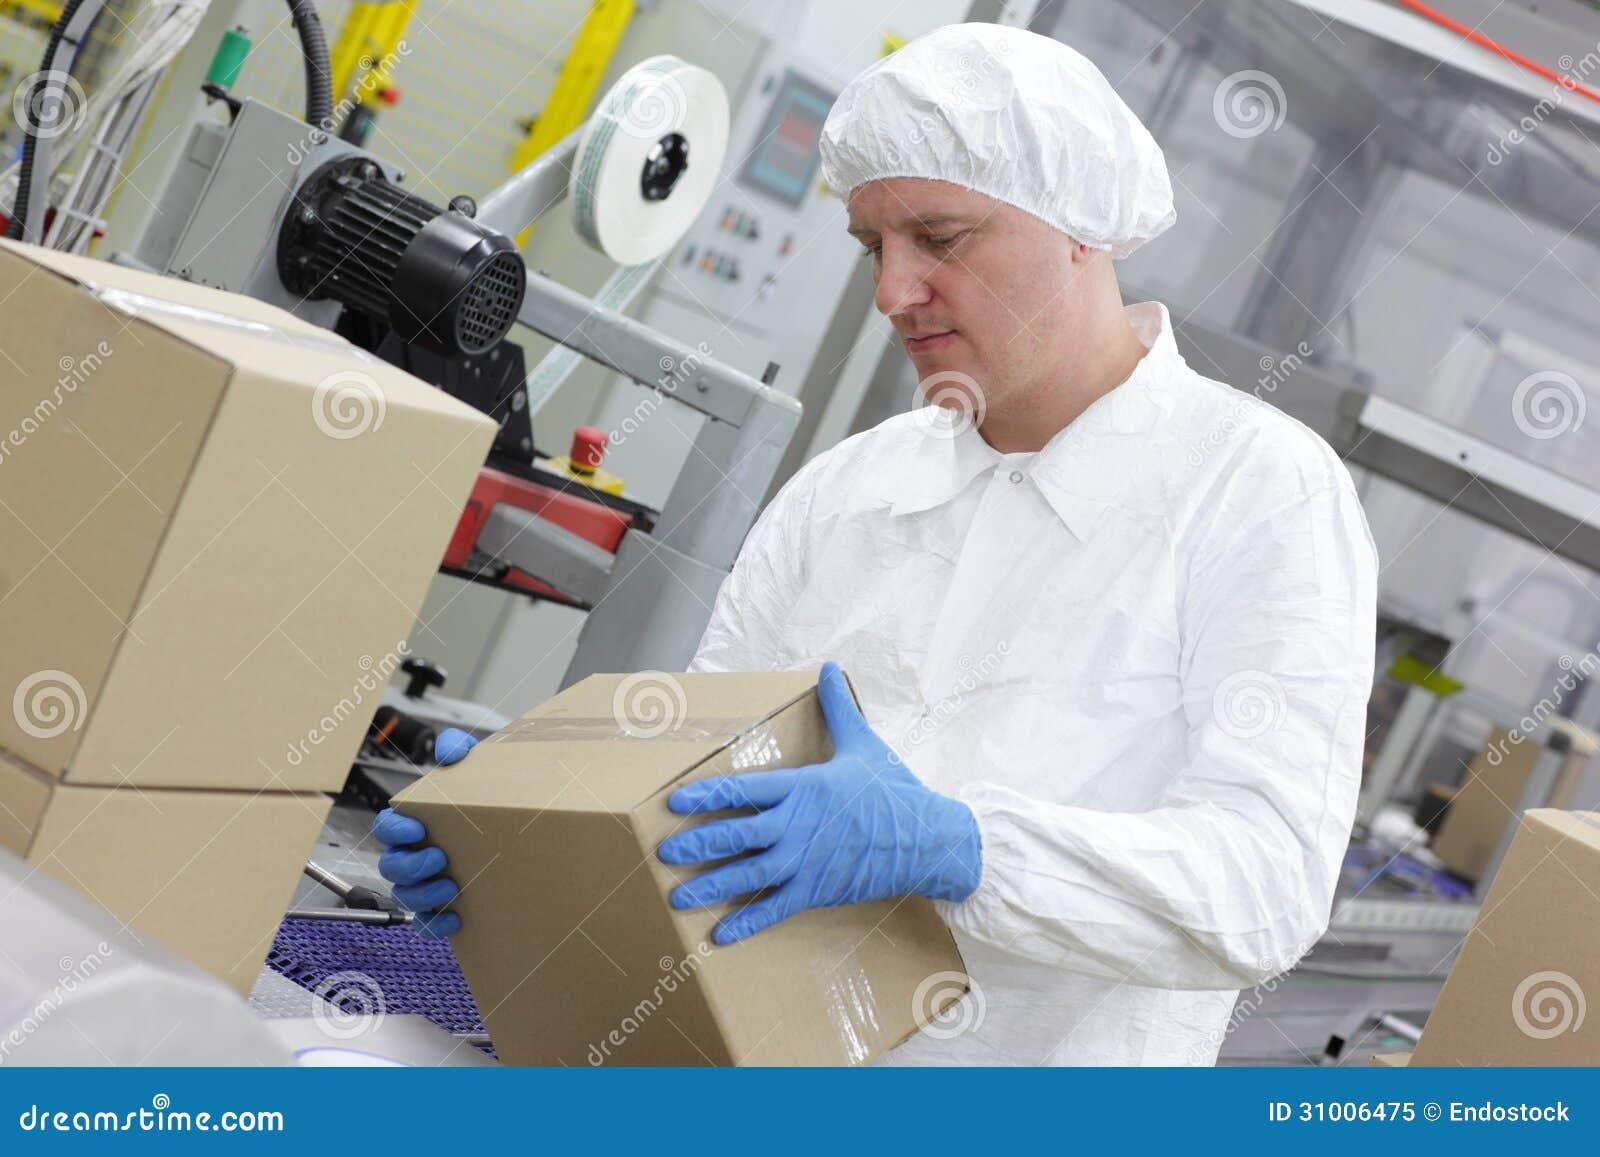 涉及箱子的生产线的体力工人